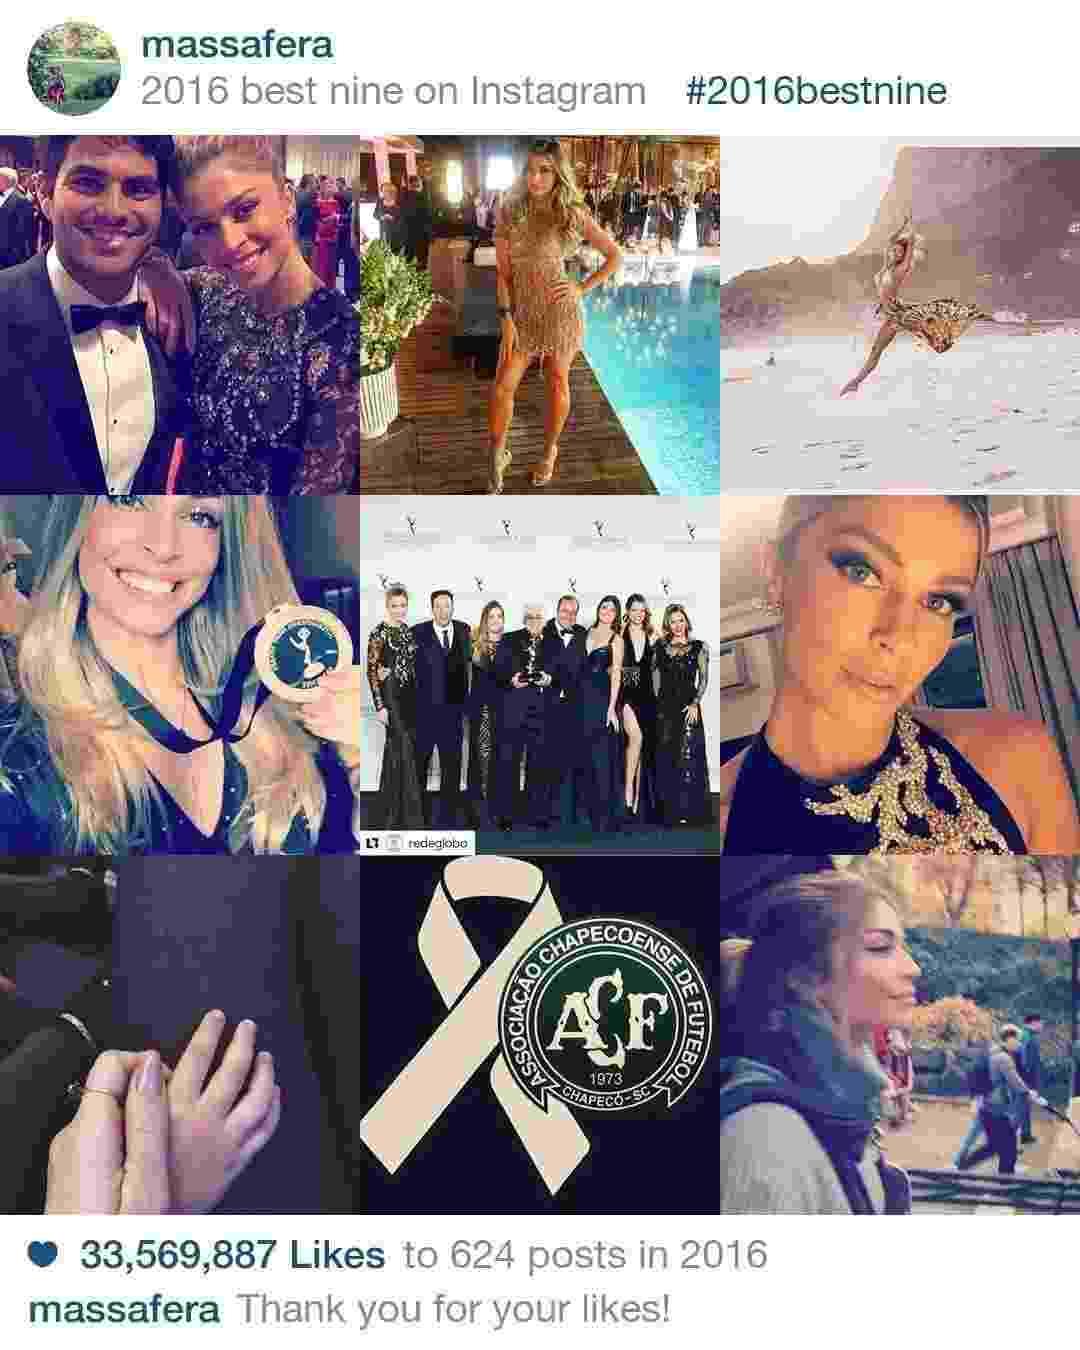 As fotos mais curtidas do Instagram de Grazi Massafera em 2016 - Reprodução/Instagram/2016bestnine